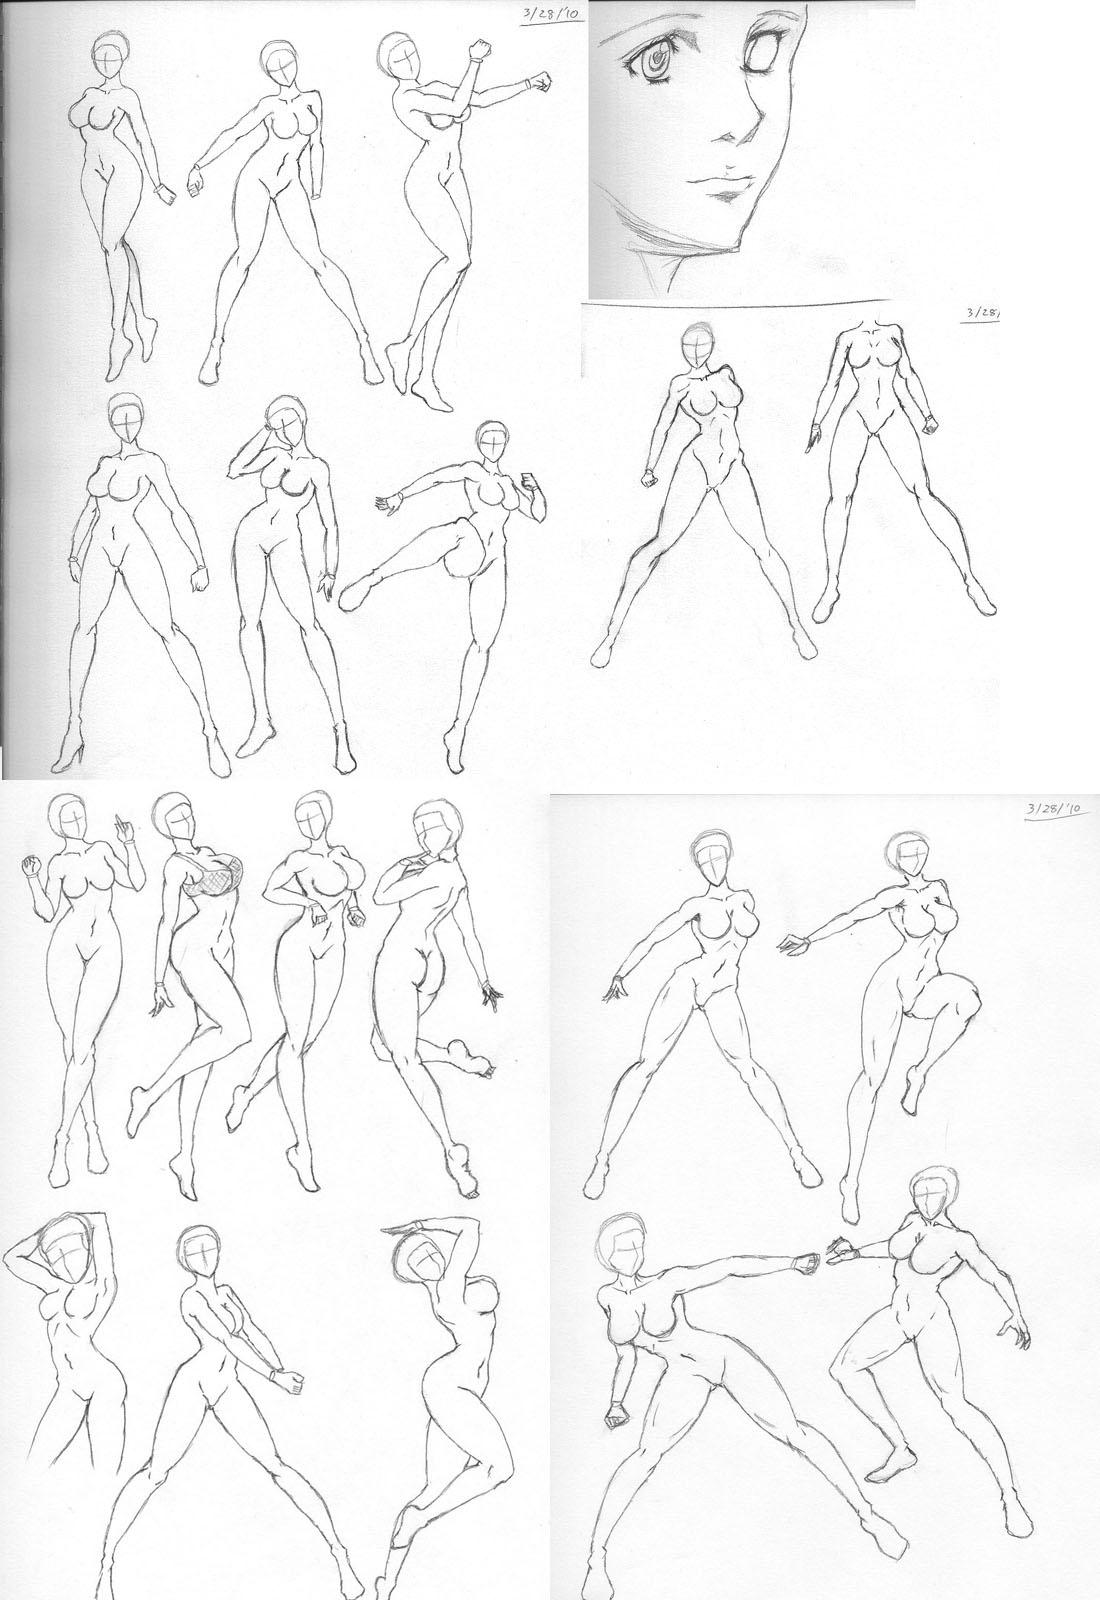 '10-03-28 RandomSketches_18 by Dredogol